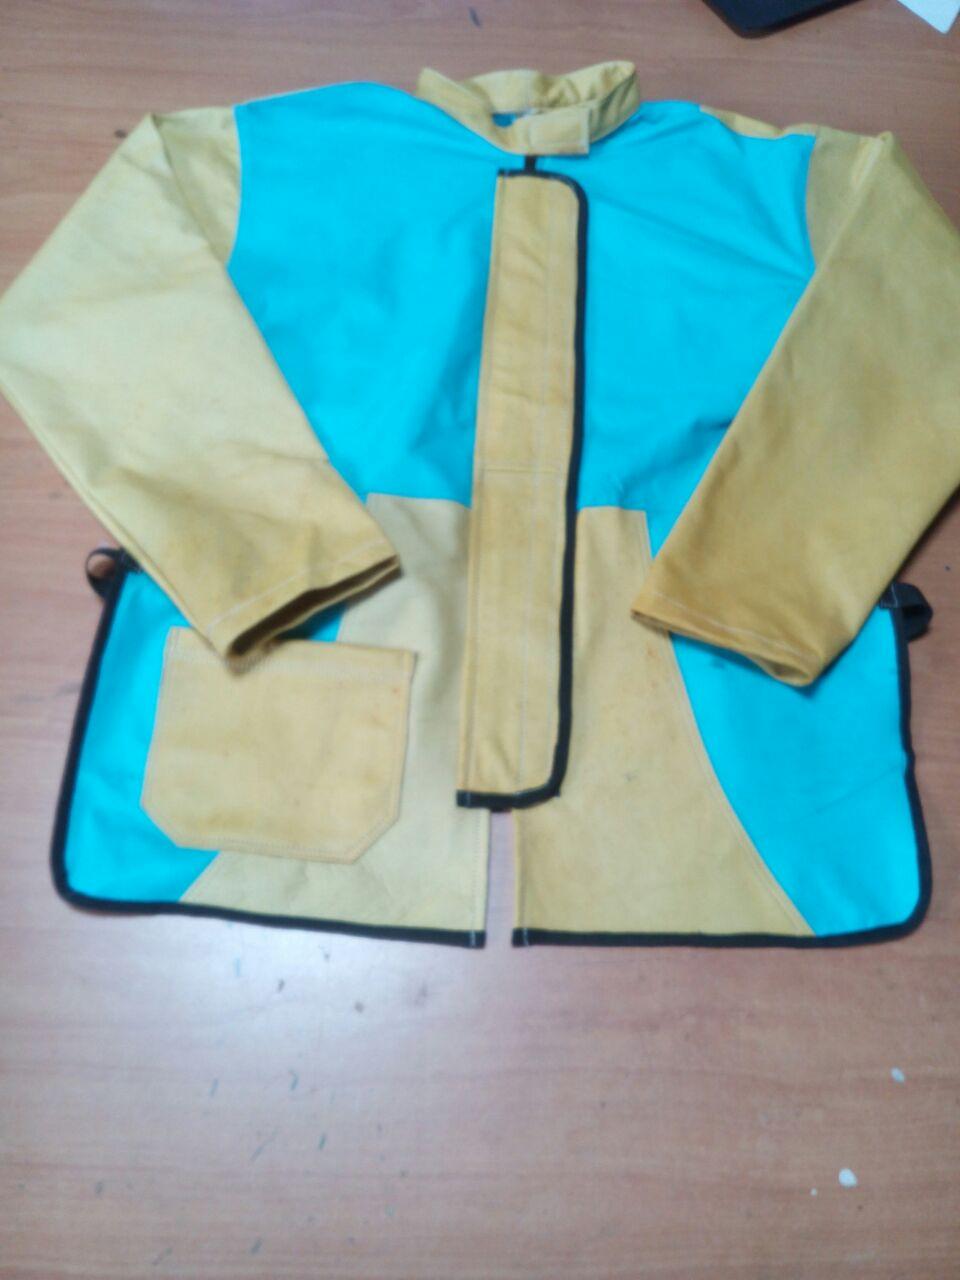 chaqueta para soldar